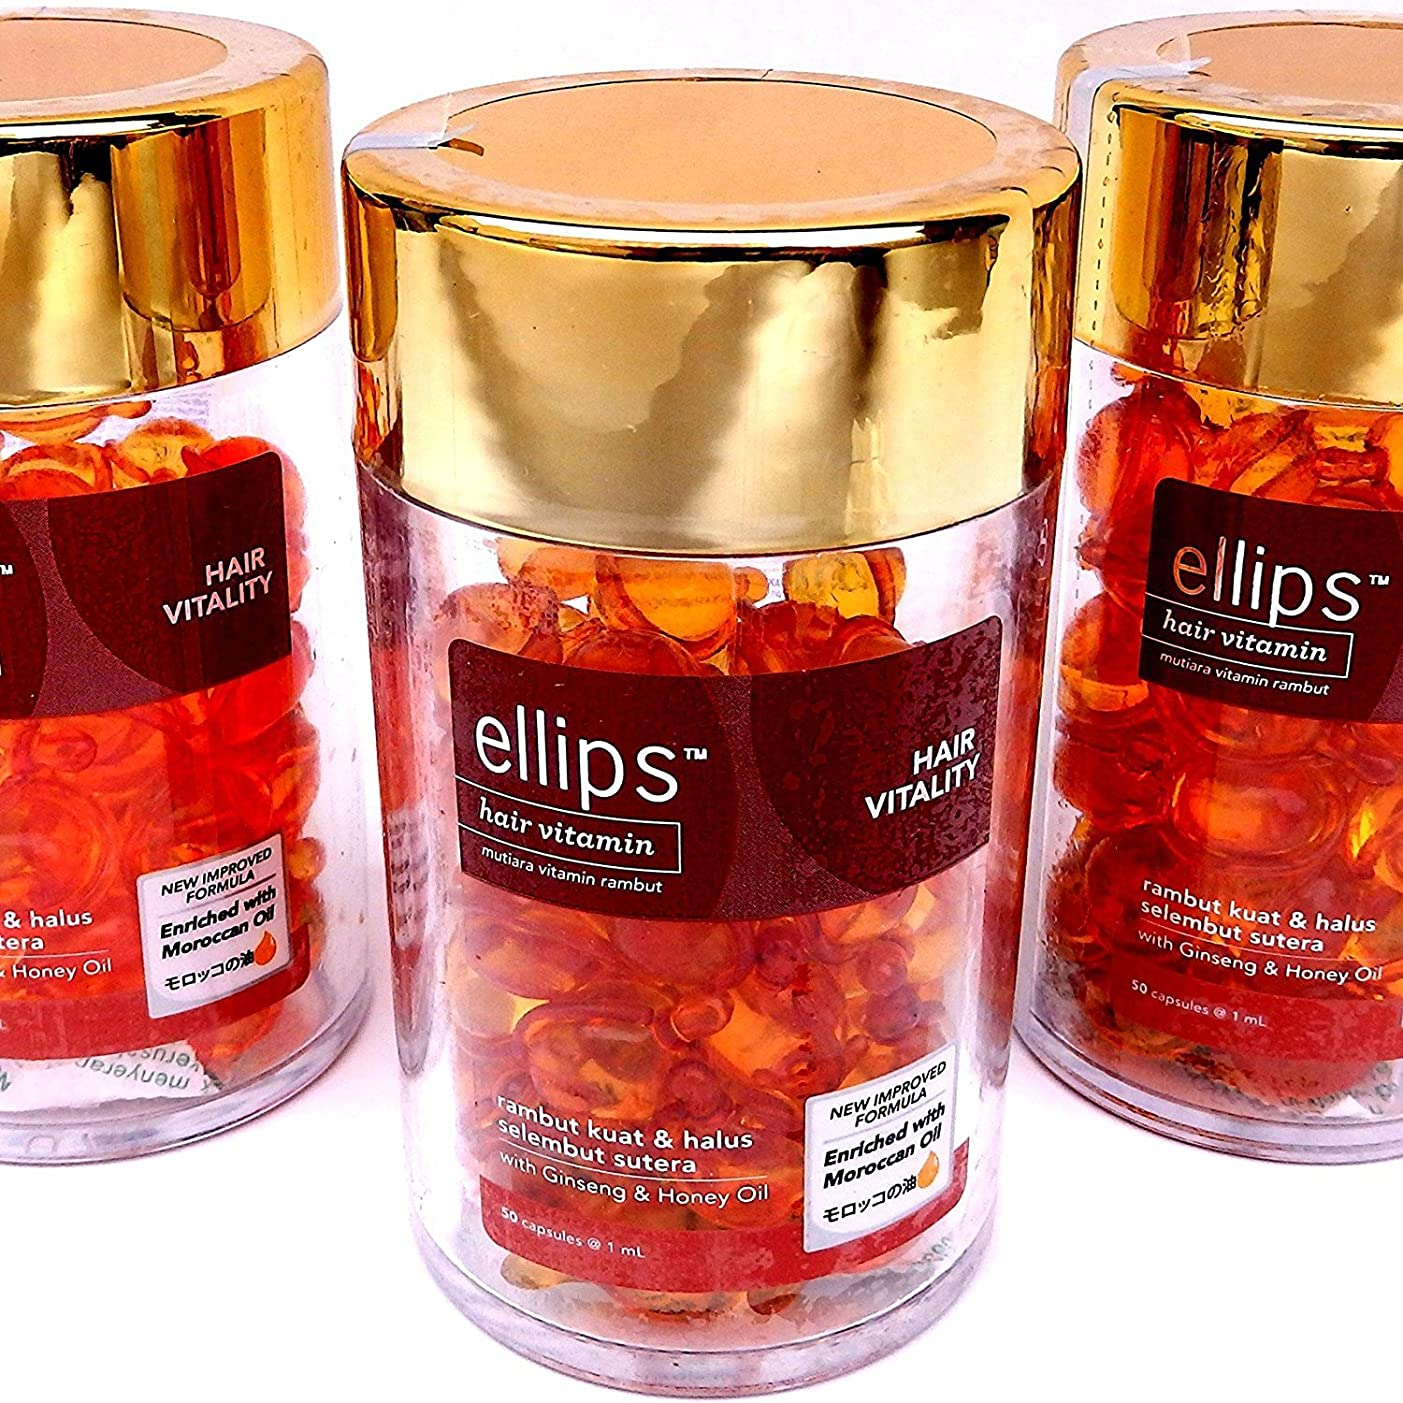 山メキシコ刺繍エリプス(Ellips) ヘアビタミン ブラウン ボトル(50粒入)× 3 個セット[並行輸入品]